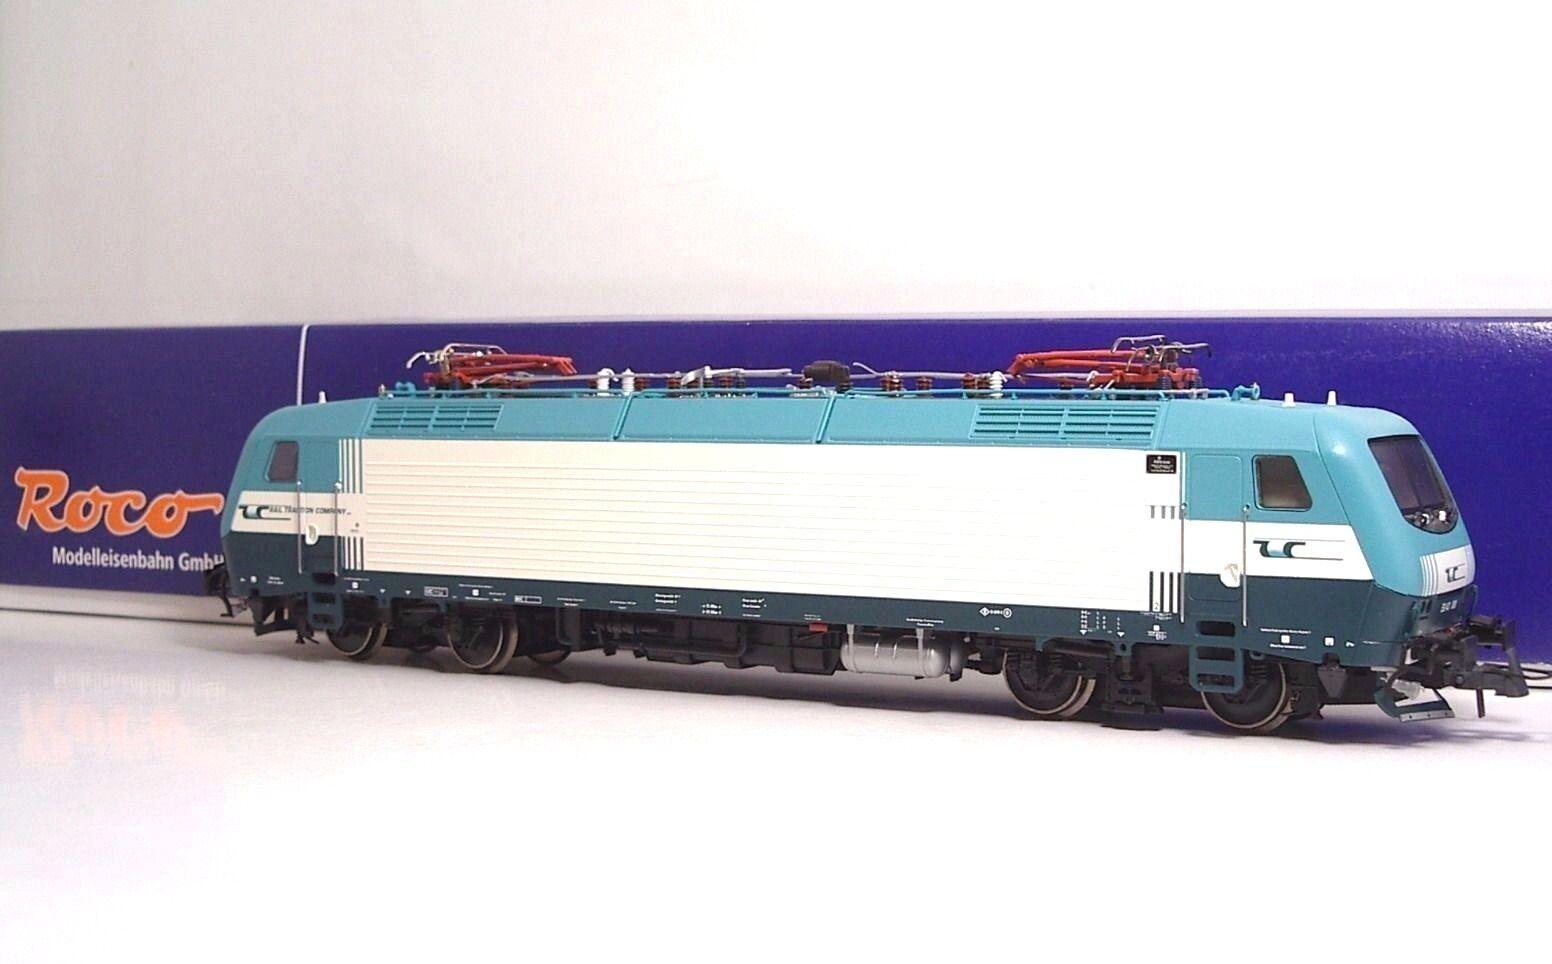 ROCO 62559 RTC EU43-008 Rail TrAcción Company Ep V